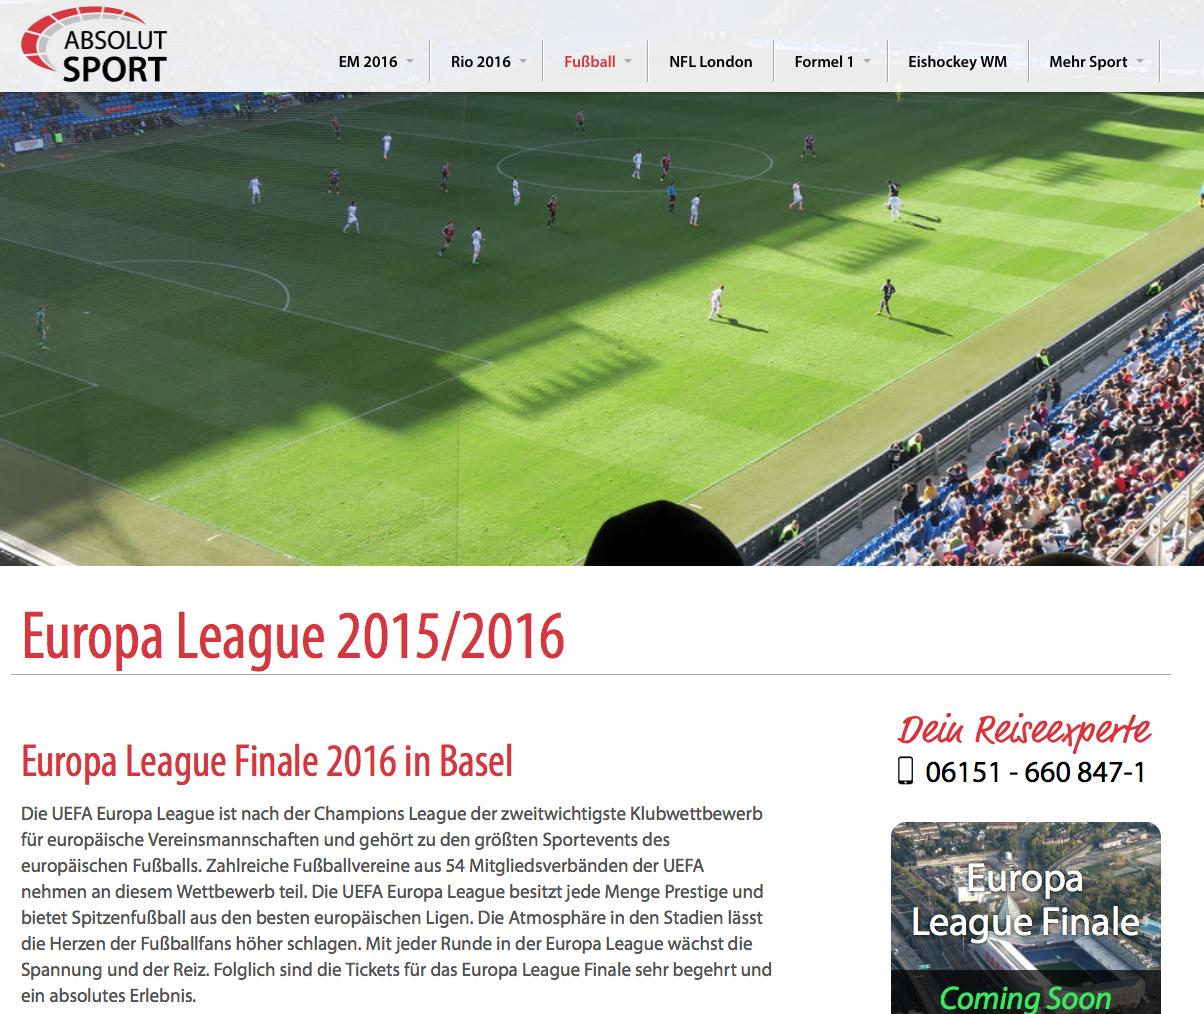 Am 18. Mai 2016 wird Basel Austragungsort eines der größten Ereignisse des Klubfußballs. Absolut Spo...